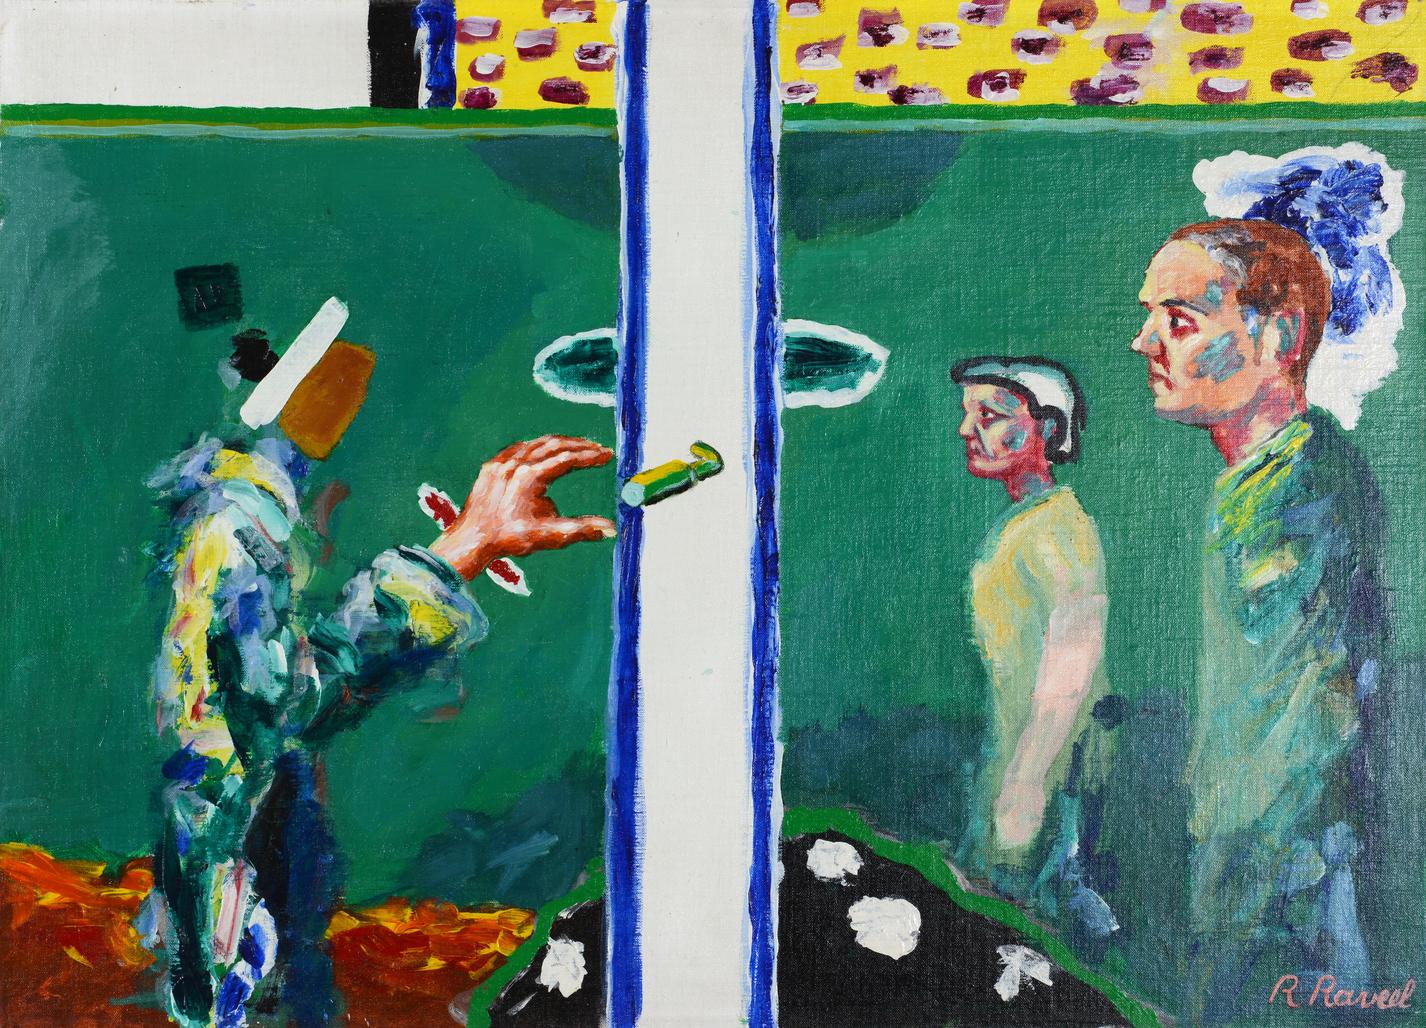 In het groen van mijn poort by Raveel Roger